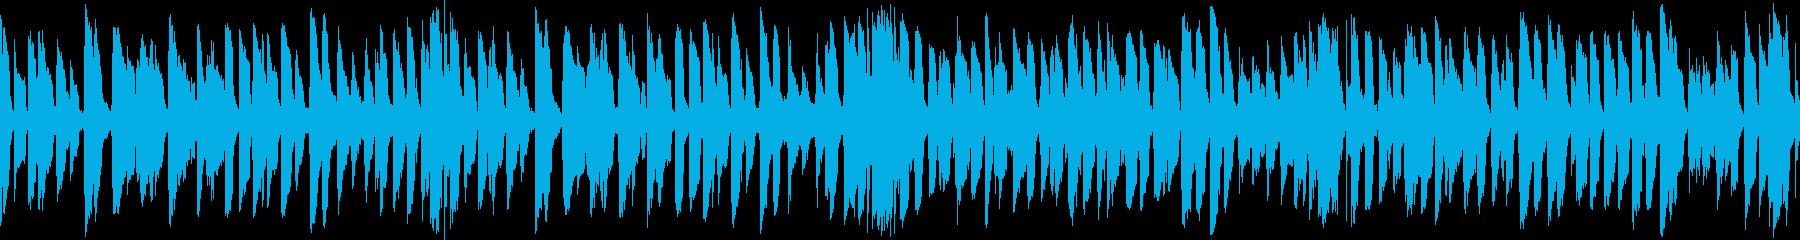 チルアウト ジャズの再生済みの波形